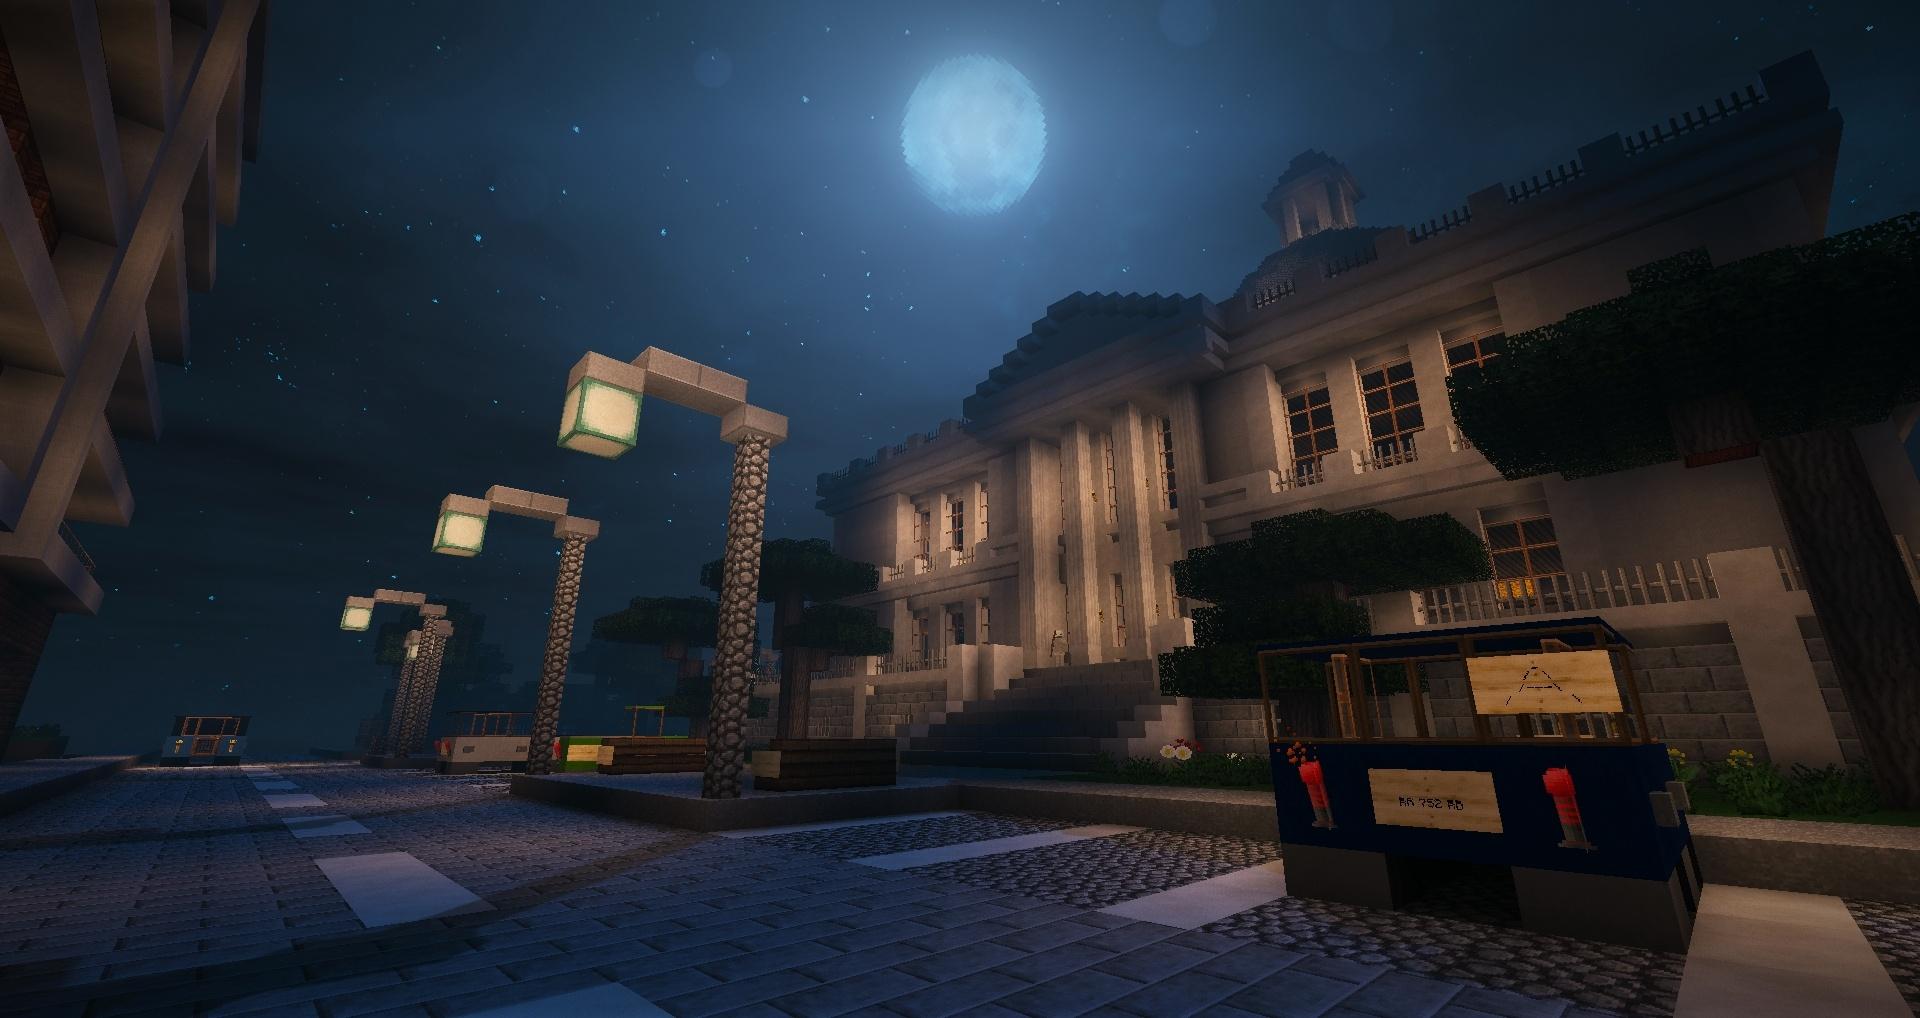 Y'a même la lune, décidément cet endroit est parfait !